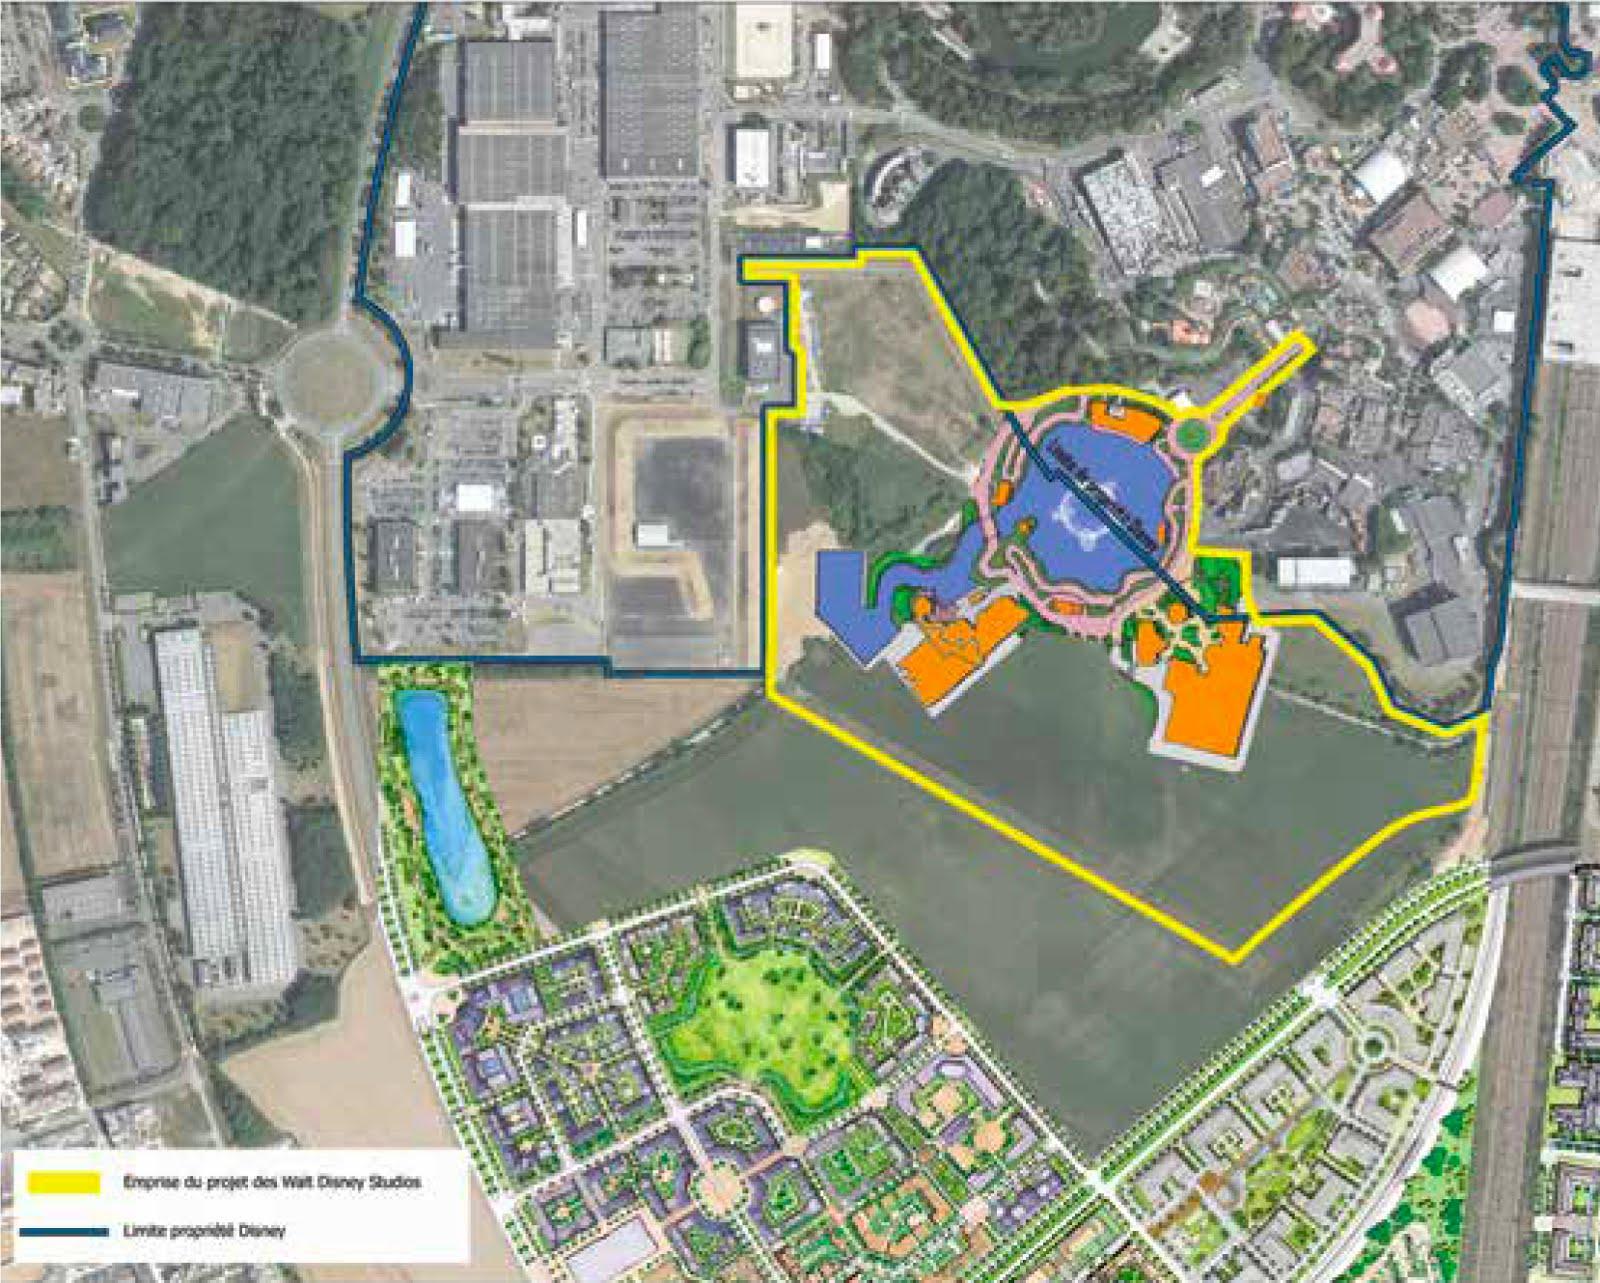 Master plan WDS 2026